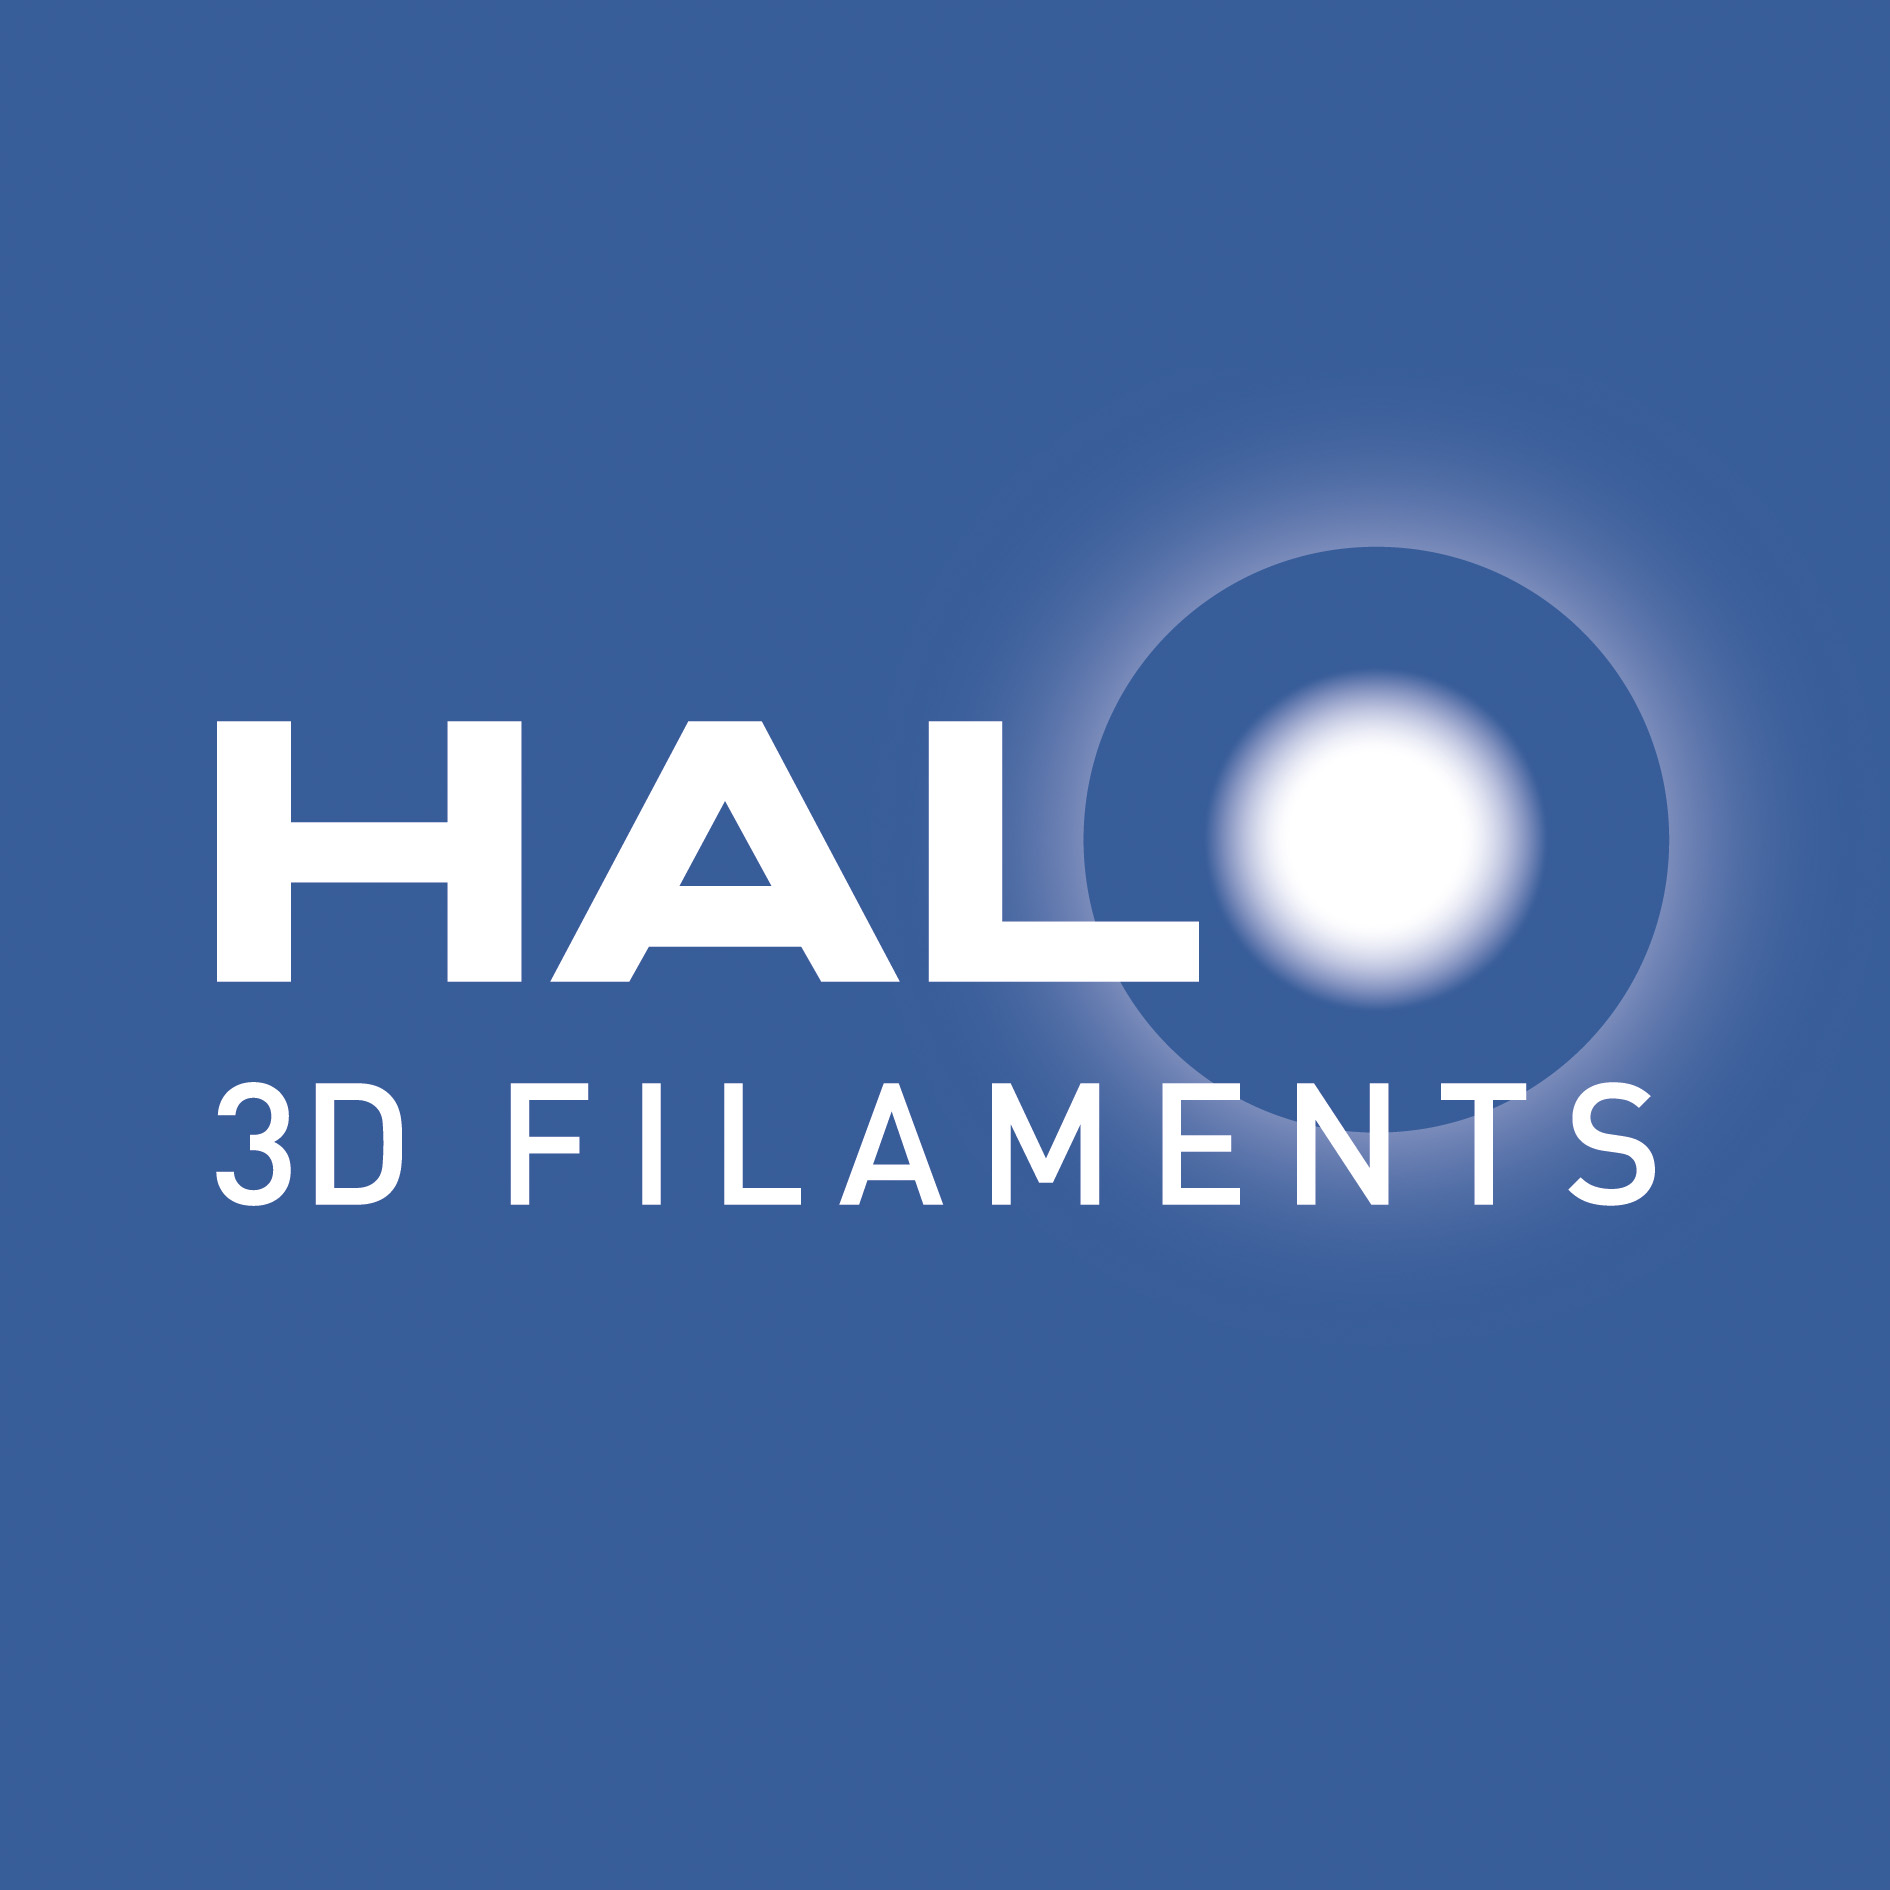 HALO 3D filaments is high gloss polymeer in exclusieve kleuren